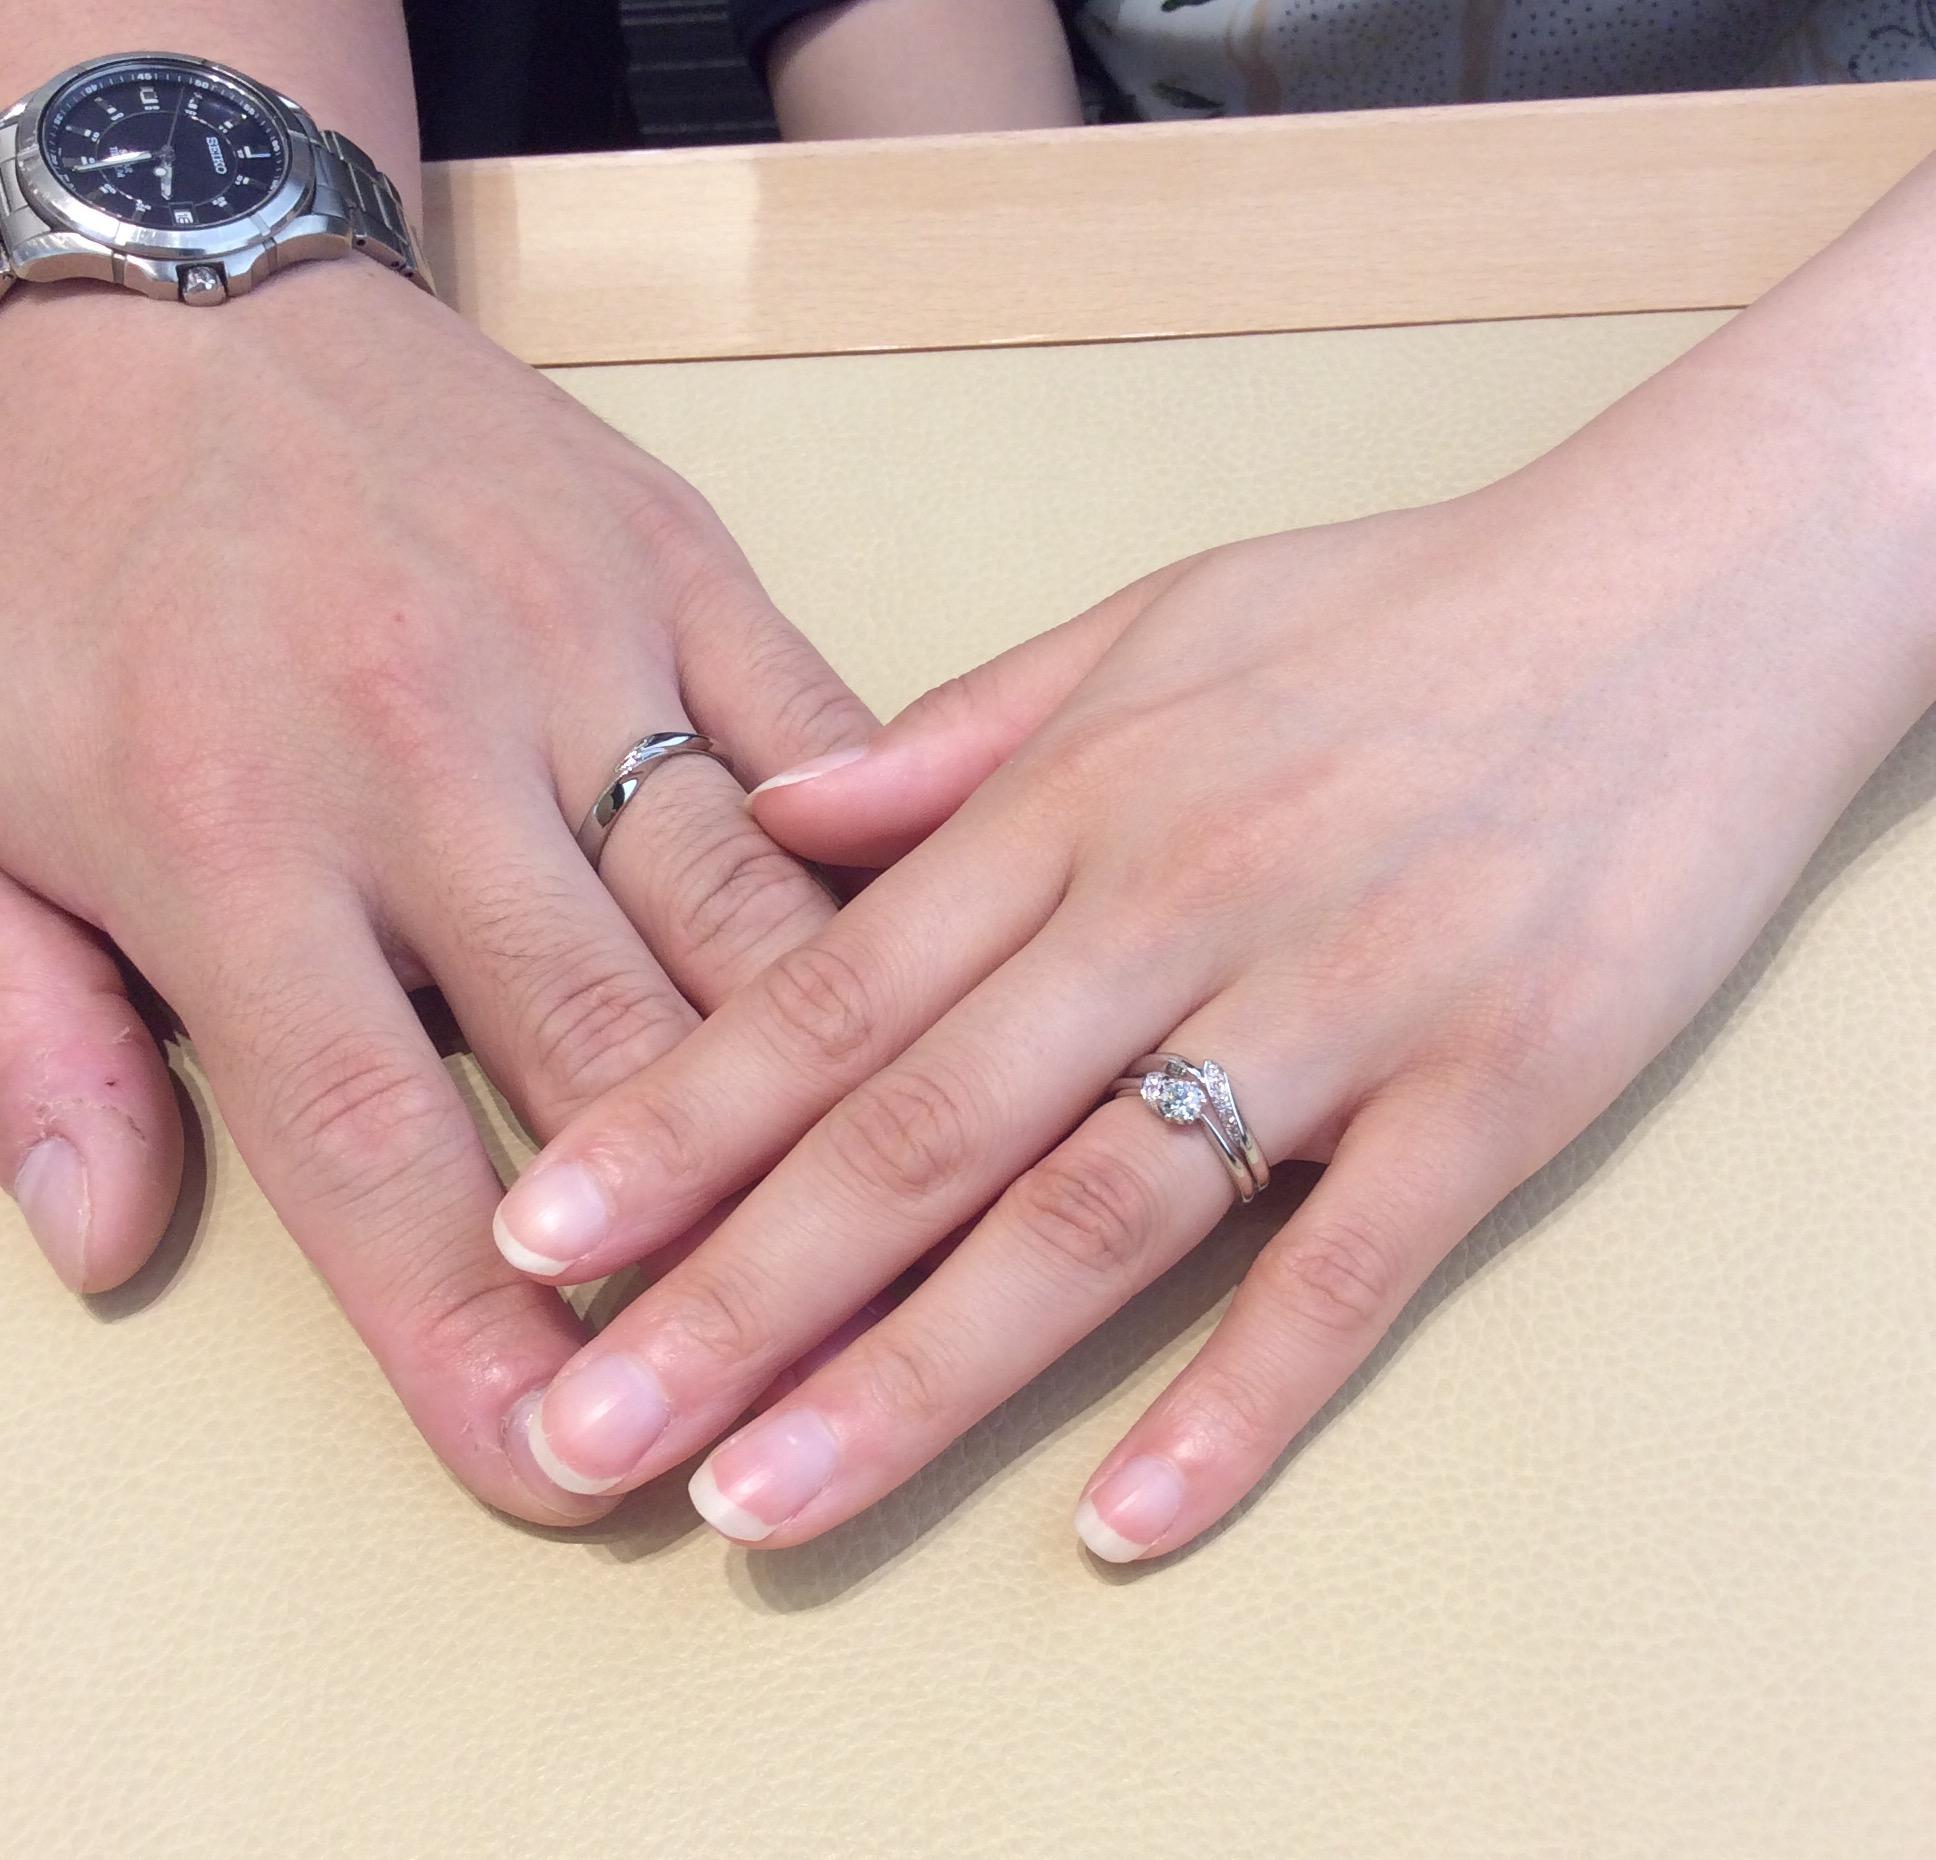 NIWAKA 婚約指輪「茜」&結婚指輪「初桜」(新潟市/菅原雅通様・斉藤麻依様)